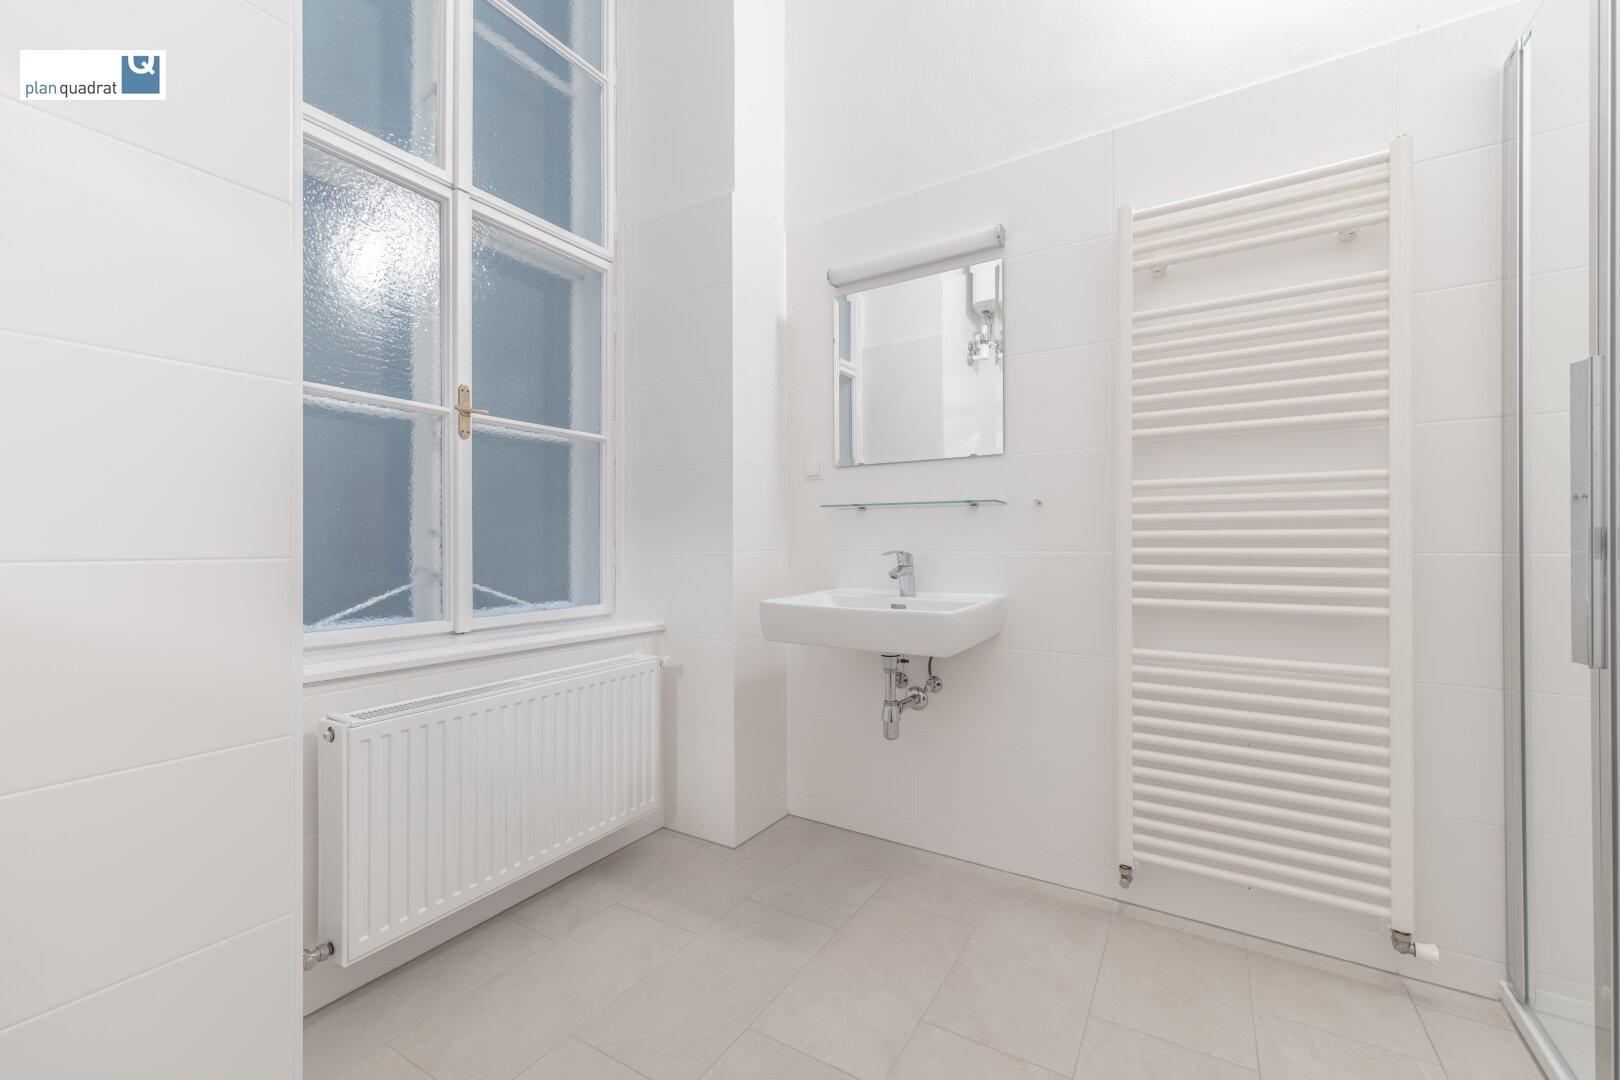 Badezimmer (ca. 6,20 m²) mit zwei Waschbecken und Dusche